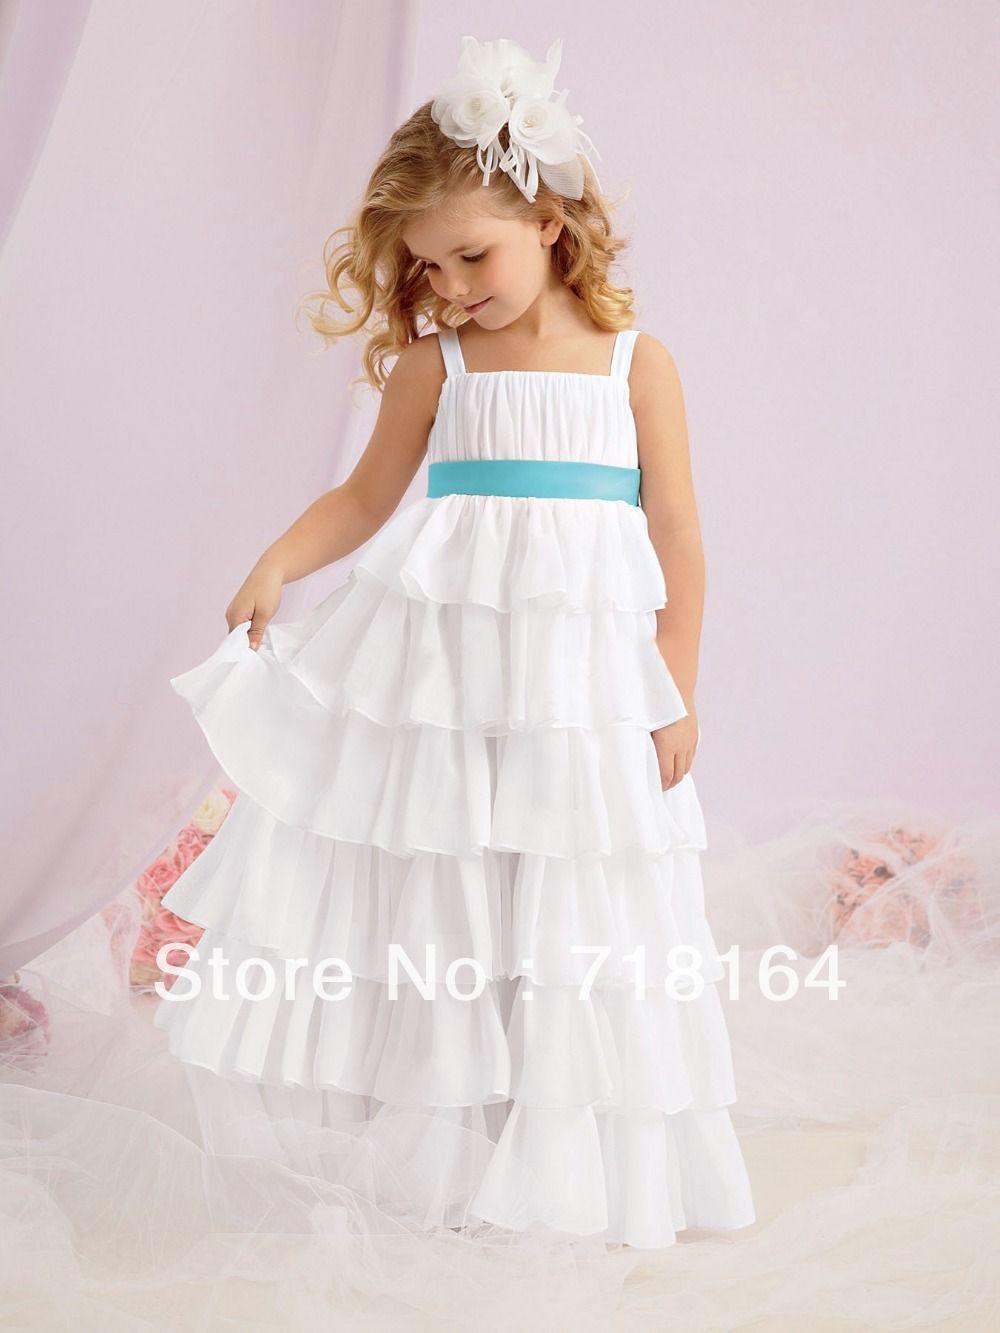 vestidos de niñas en chifon - Buscar con Google | vestidos para niña ...